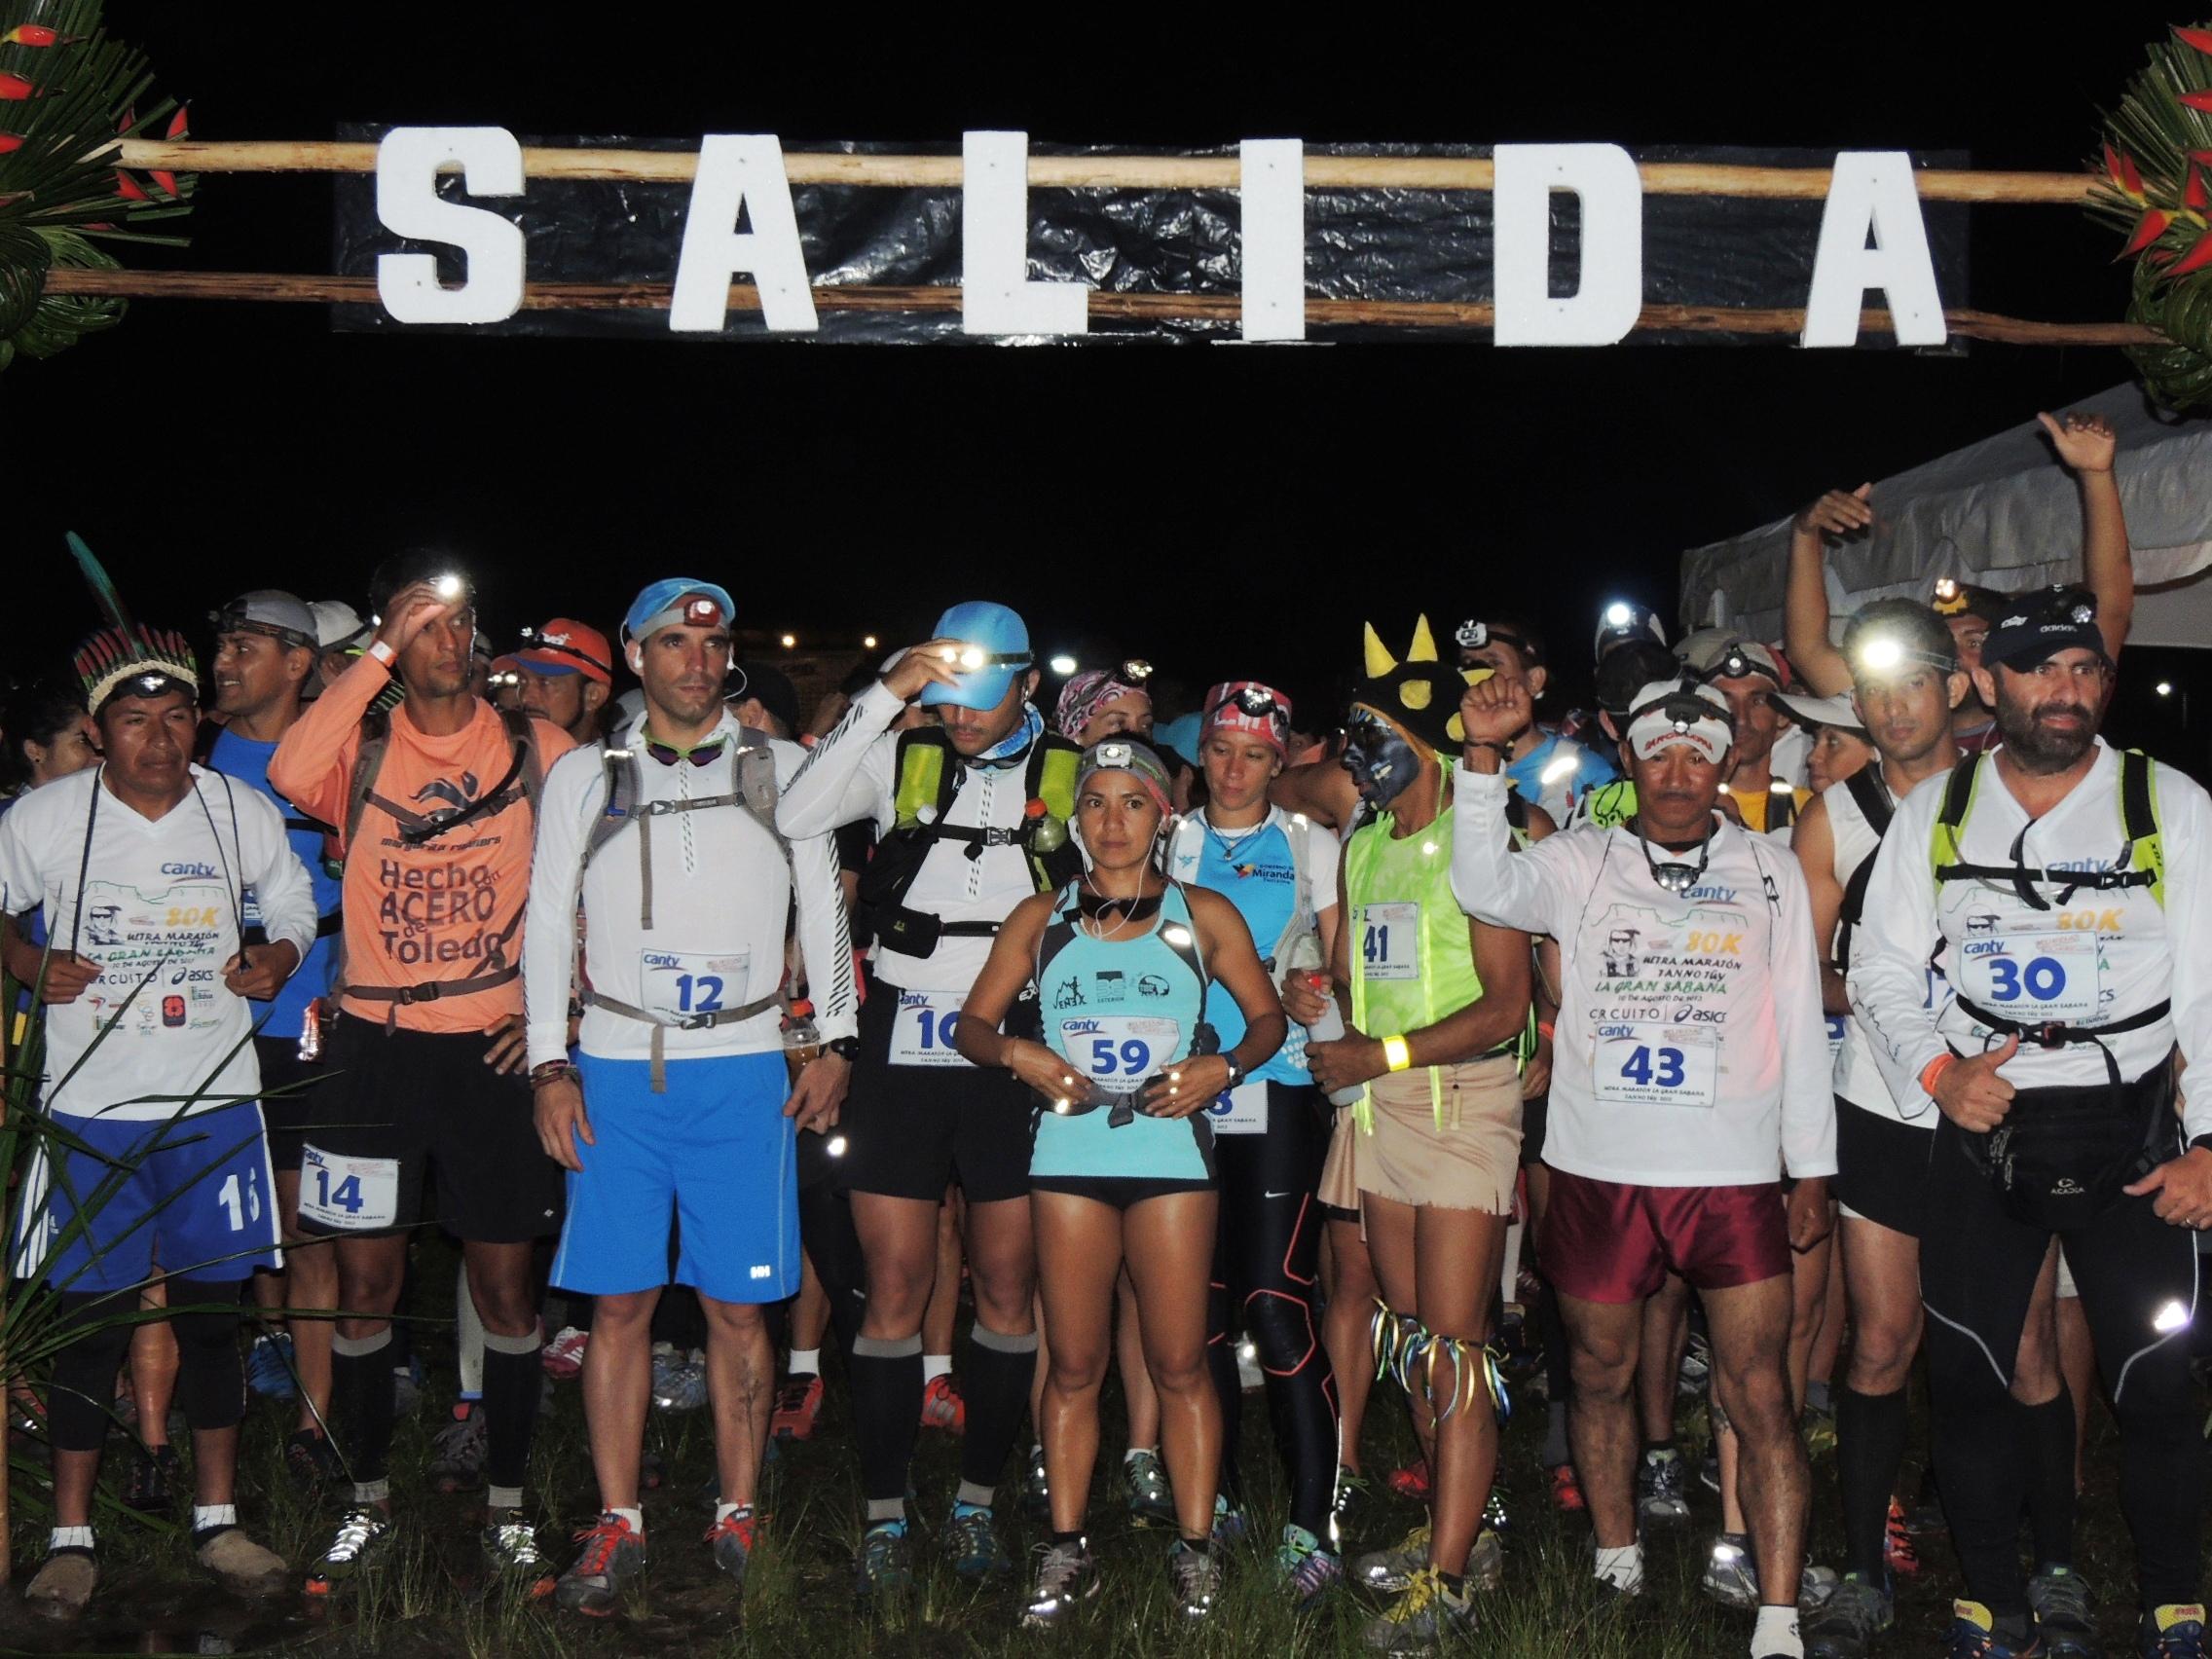 Ultra Race Gran Sabana 2013